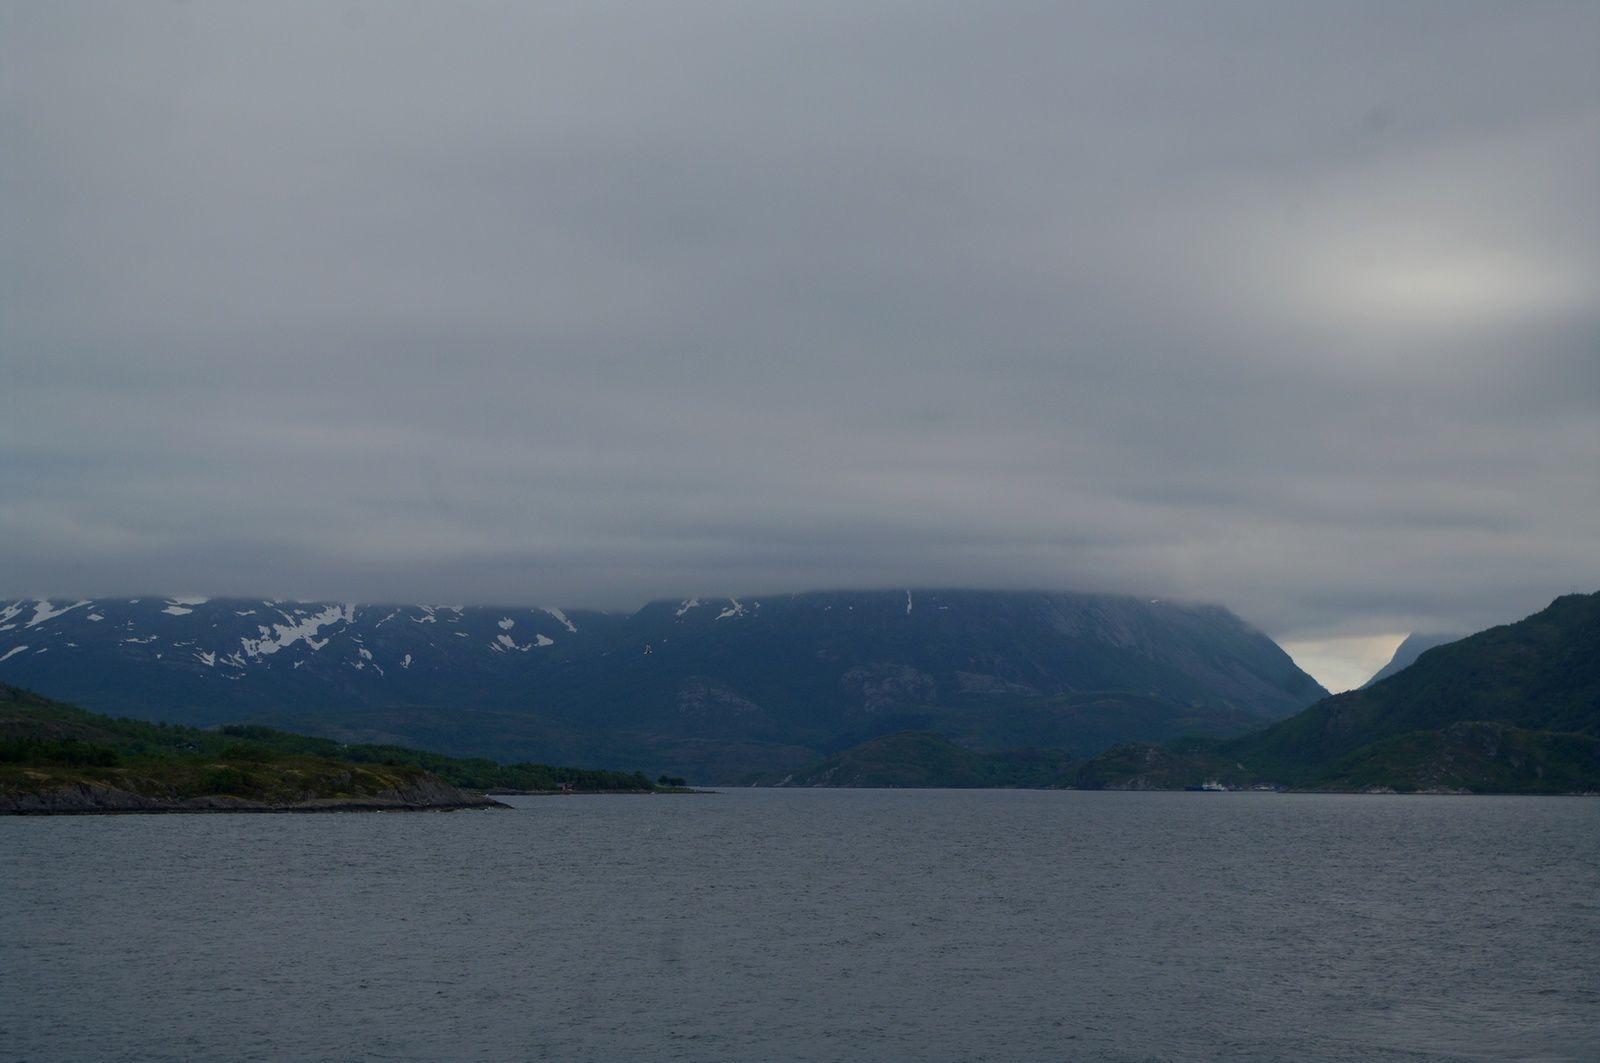 le temps change vite vers le cercle polaire ! 25° soleil.... en quelques instants 8°brume et pluie !